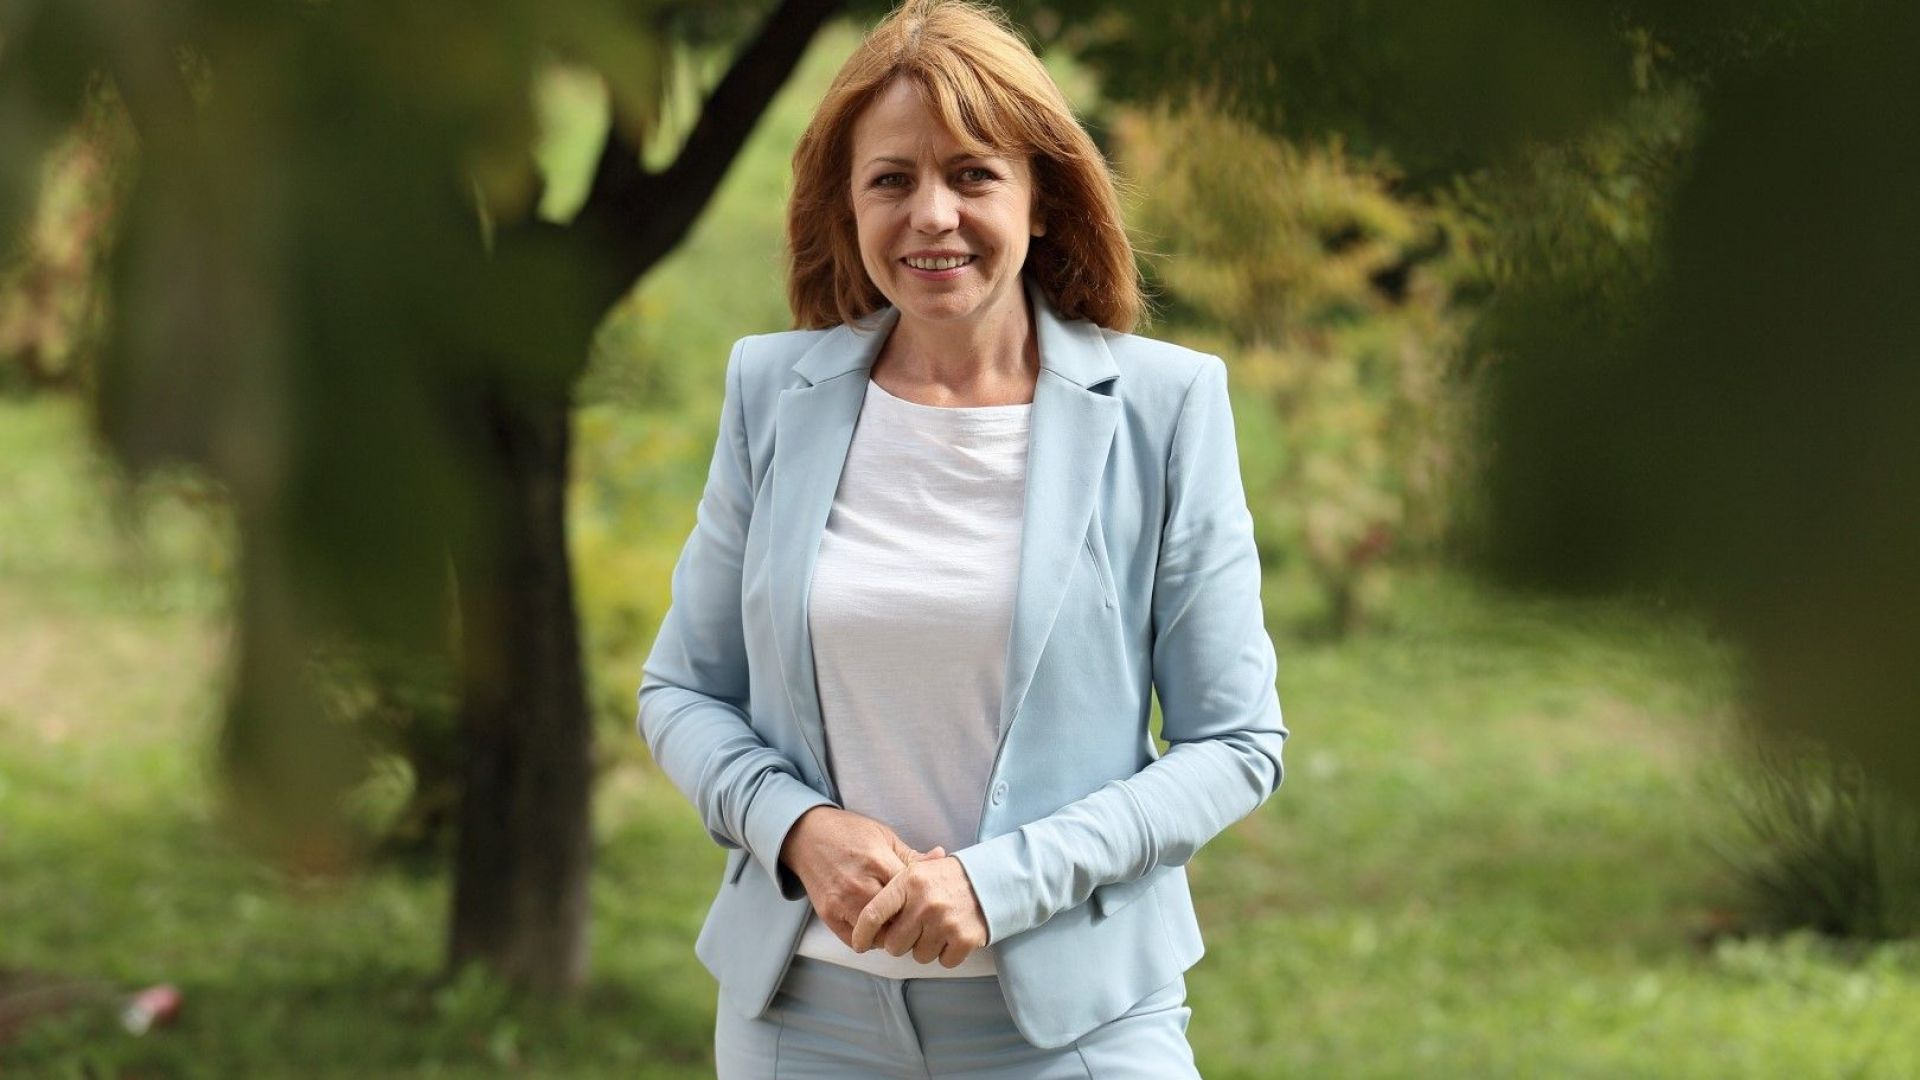 Йорданка Фандъкова пред Dir.bg: Стоя зад успехите на София и нося отговорност за грешките си